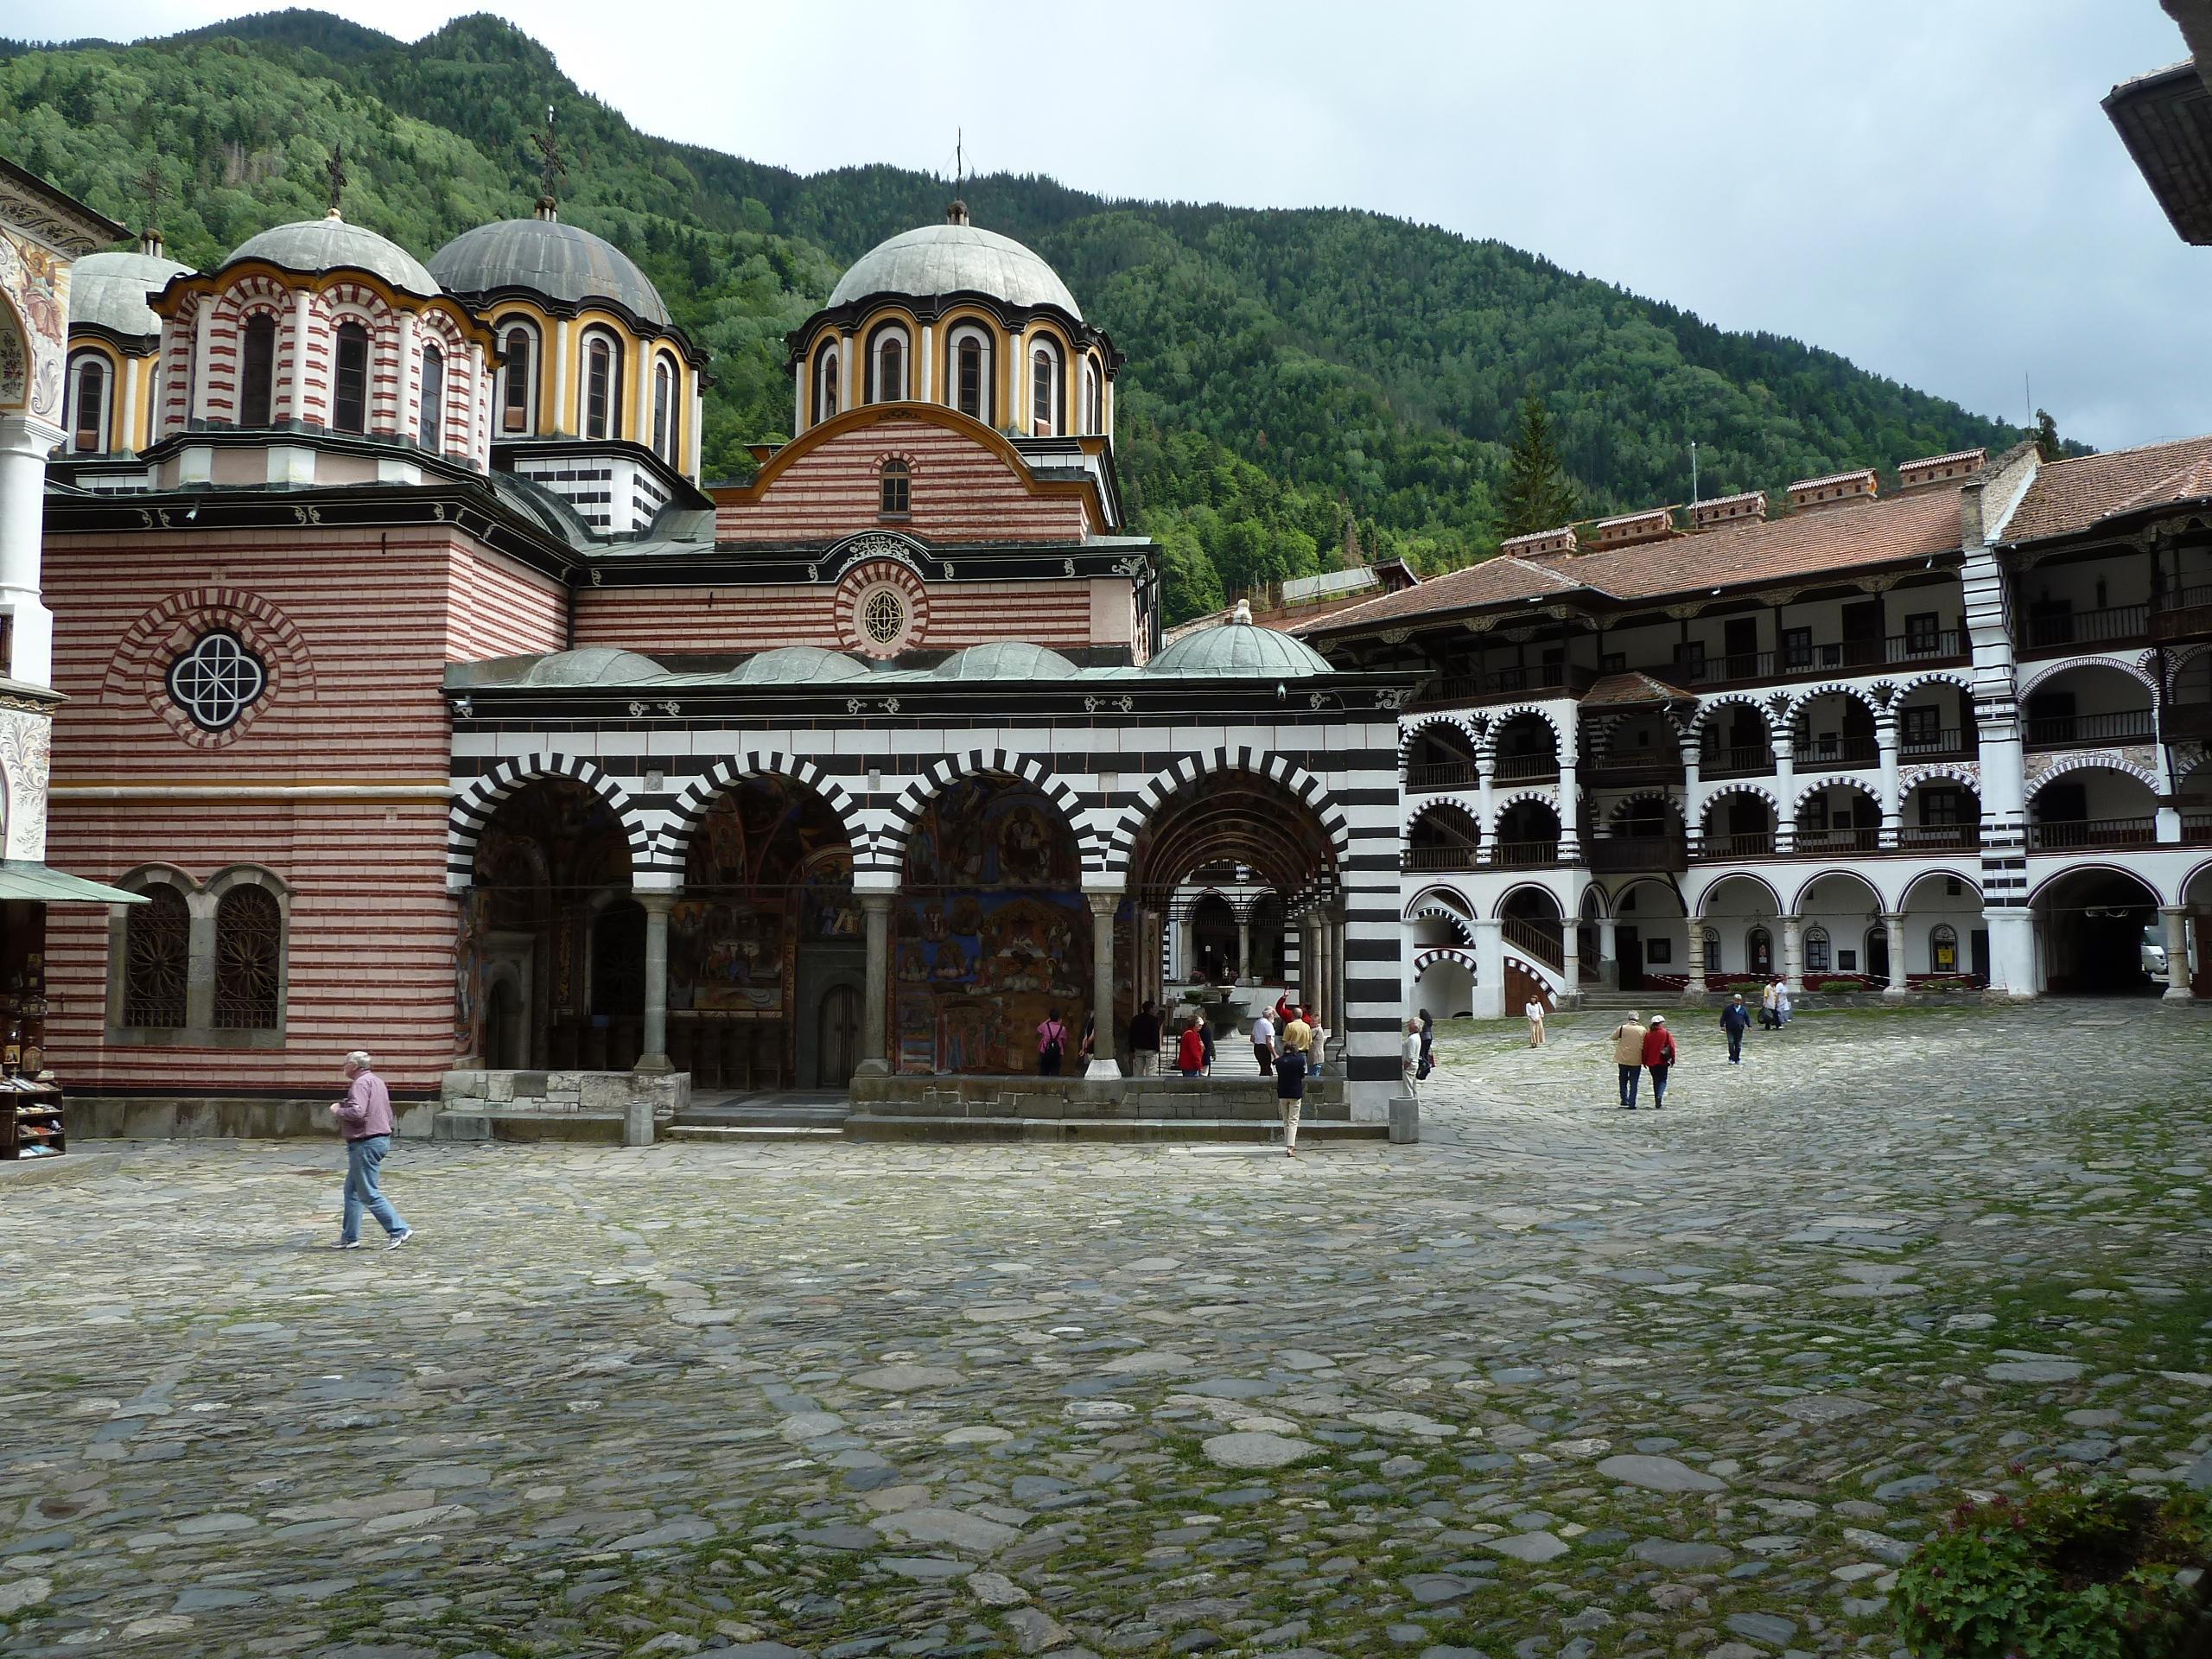 Рильский монастырь (Монастырь святого Иоанна Рыльского)